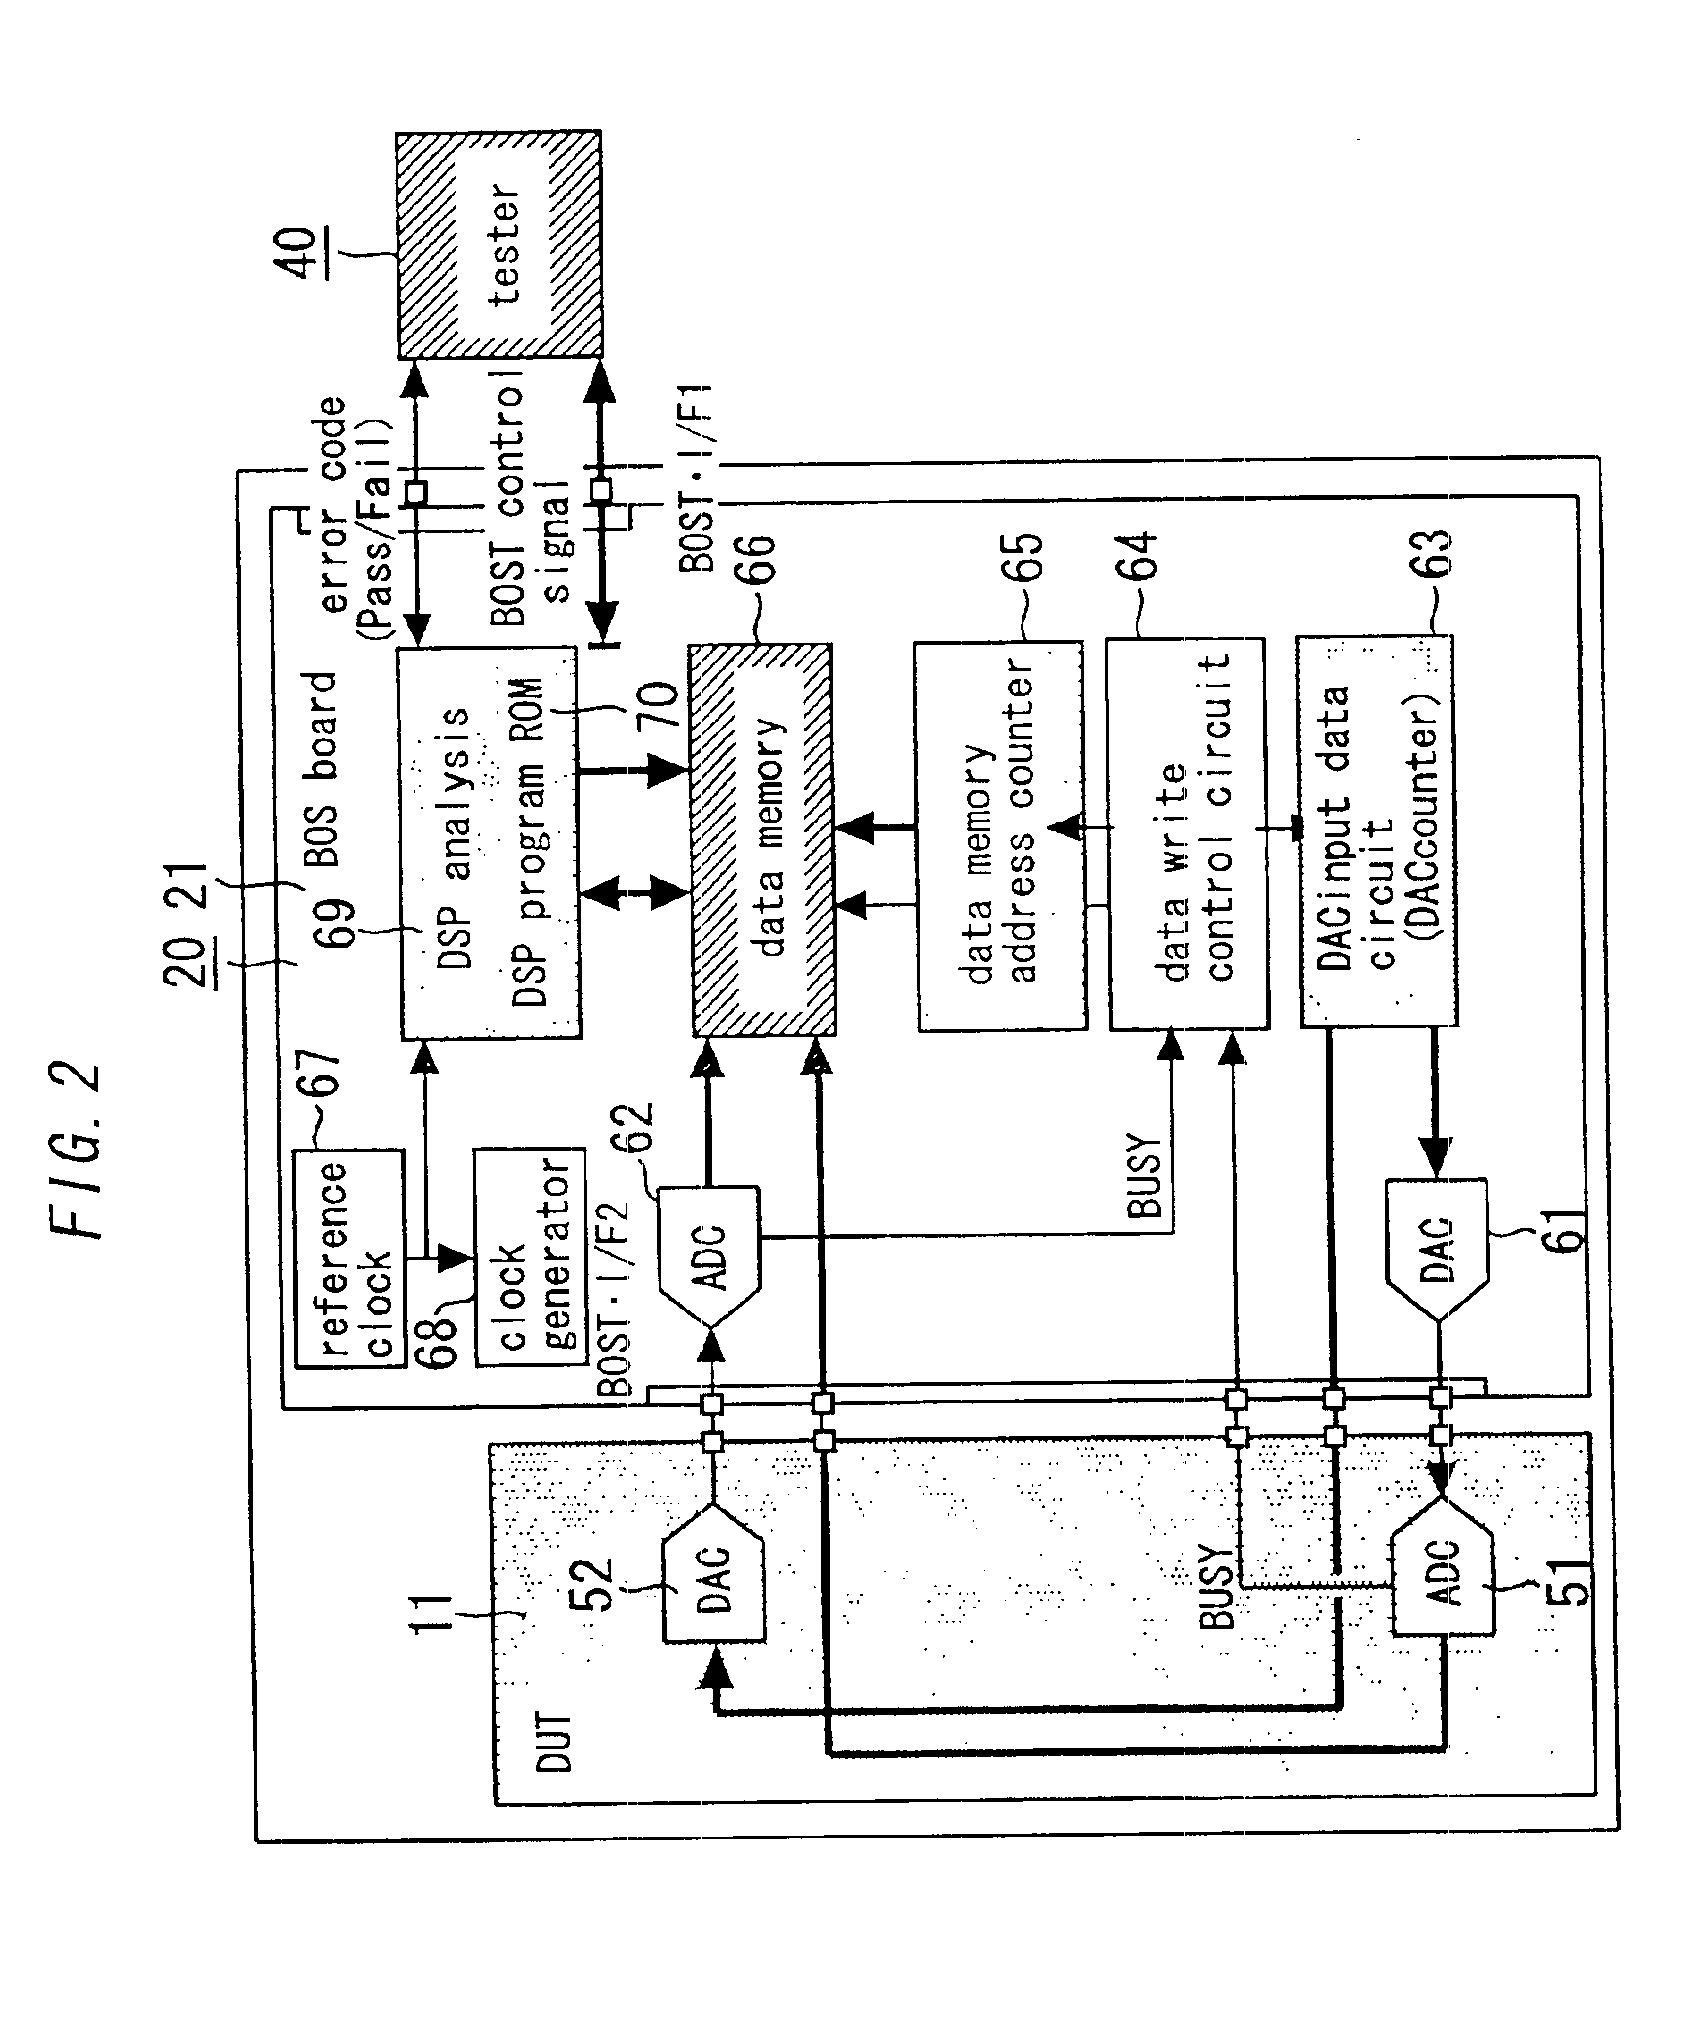 patent us6900627